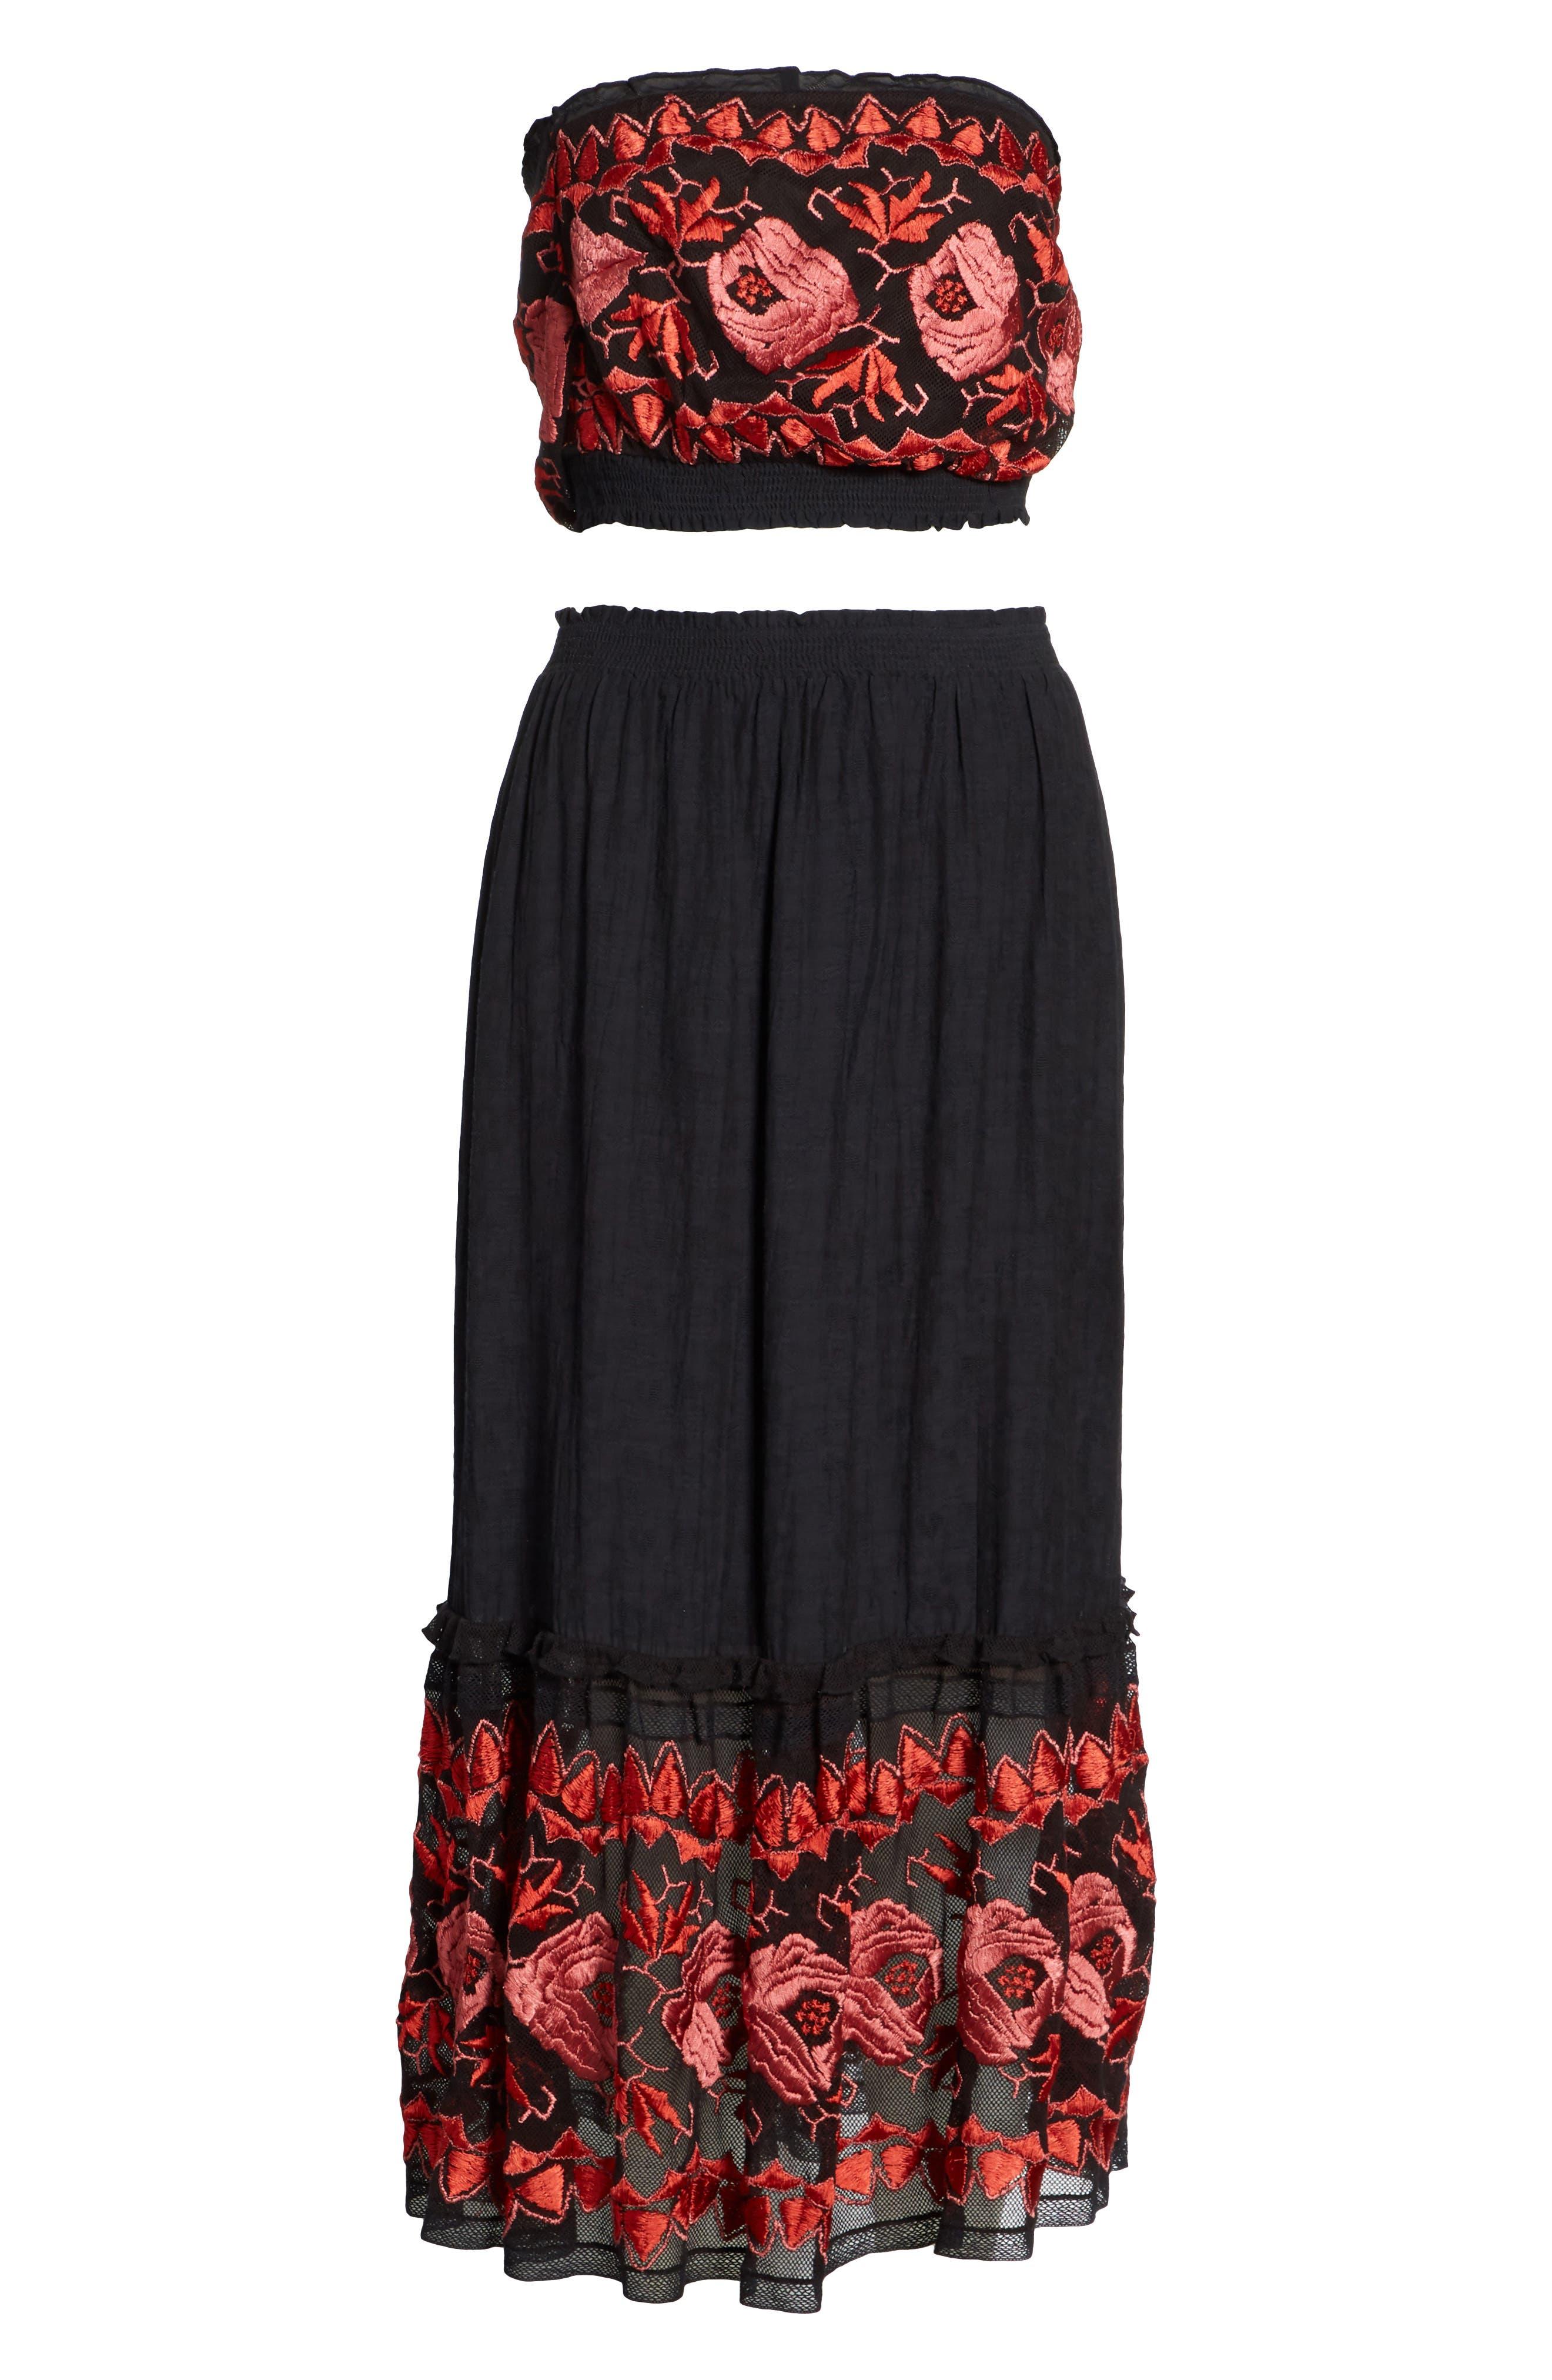 Rosebud Top & Skirt,                             Alternate thumbnail 7, color,                             019